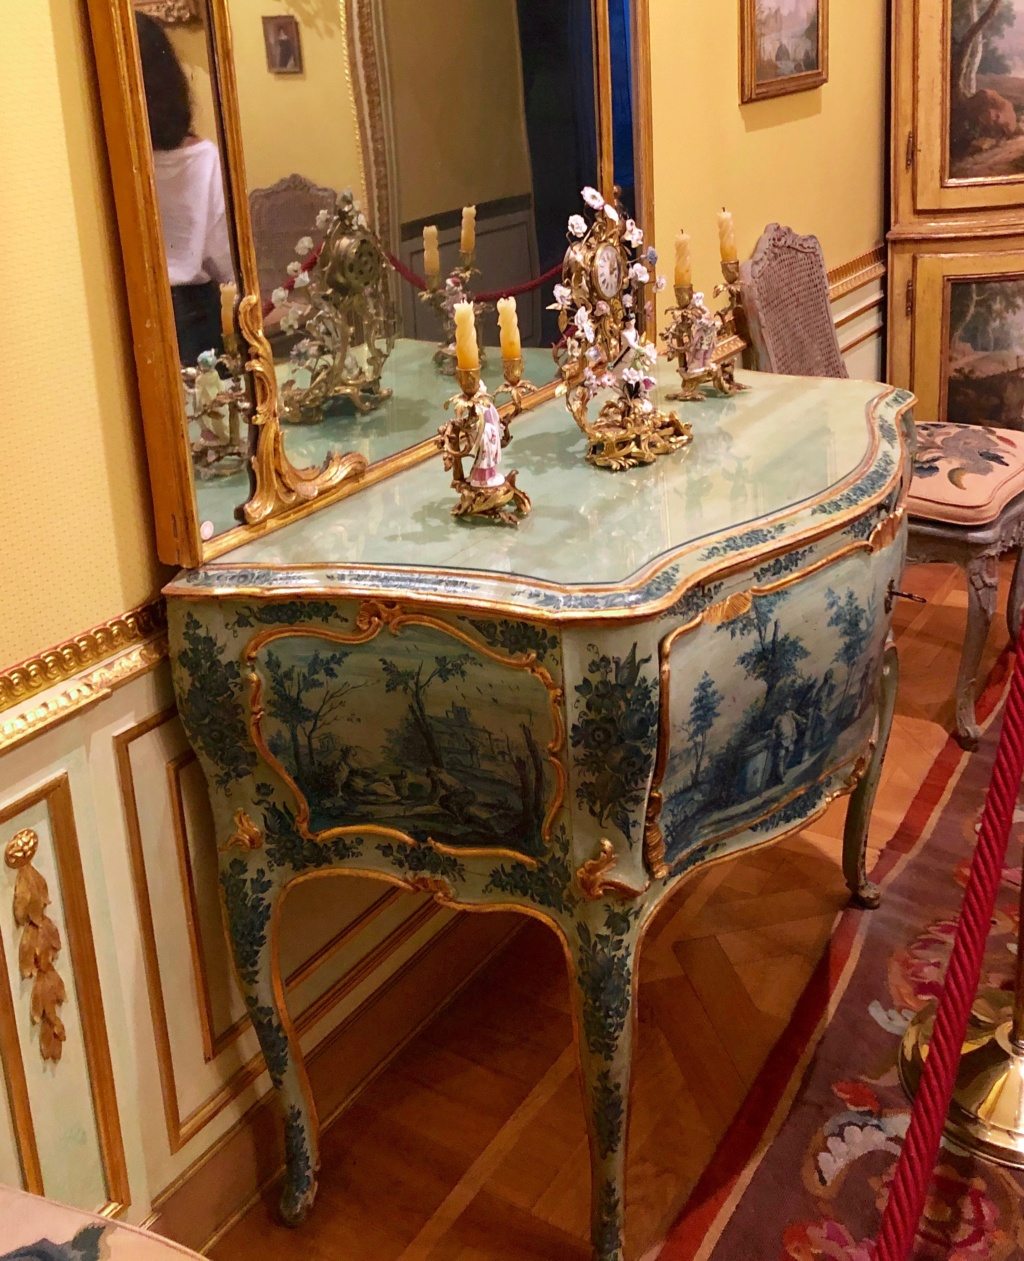 Visite de la Fondation Accorsi - Ometto, musée des arts décoratifs (Turin) : le Cognacq-Jay turinois Img_5447